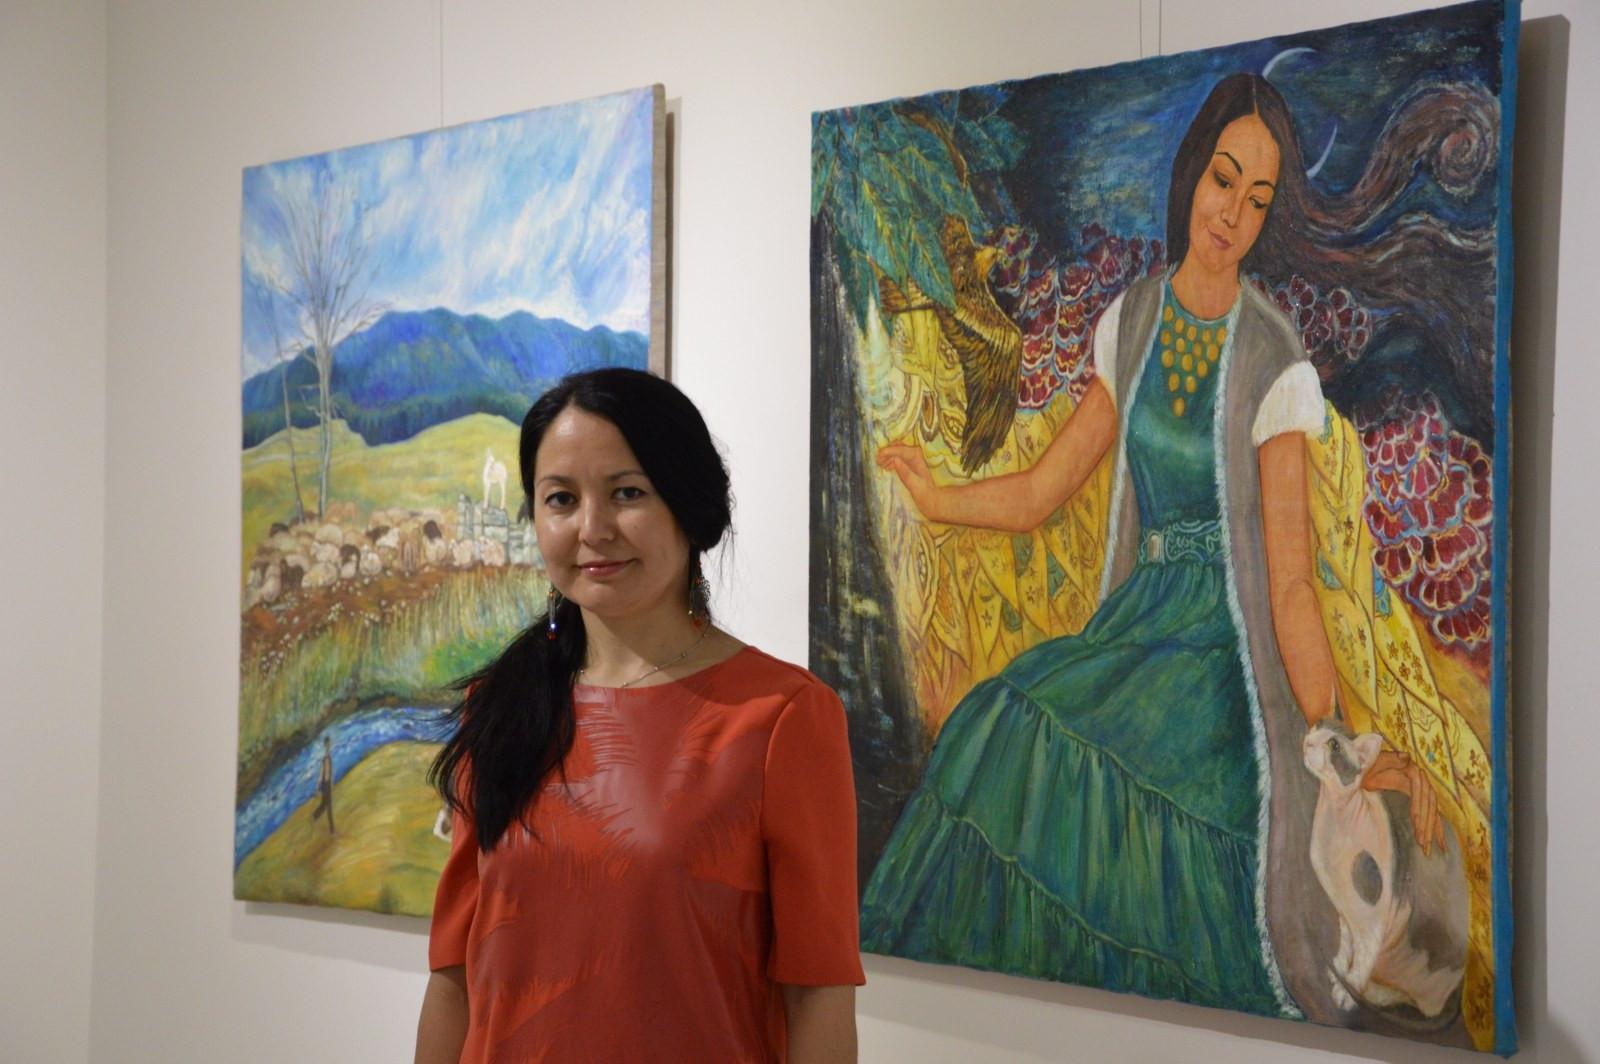 Türk Dünyasından Kadın Sanatçılar İstanbul'da Buluştu Galeri - 29. Resim